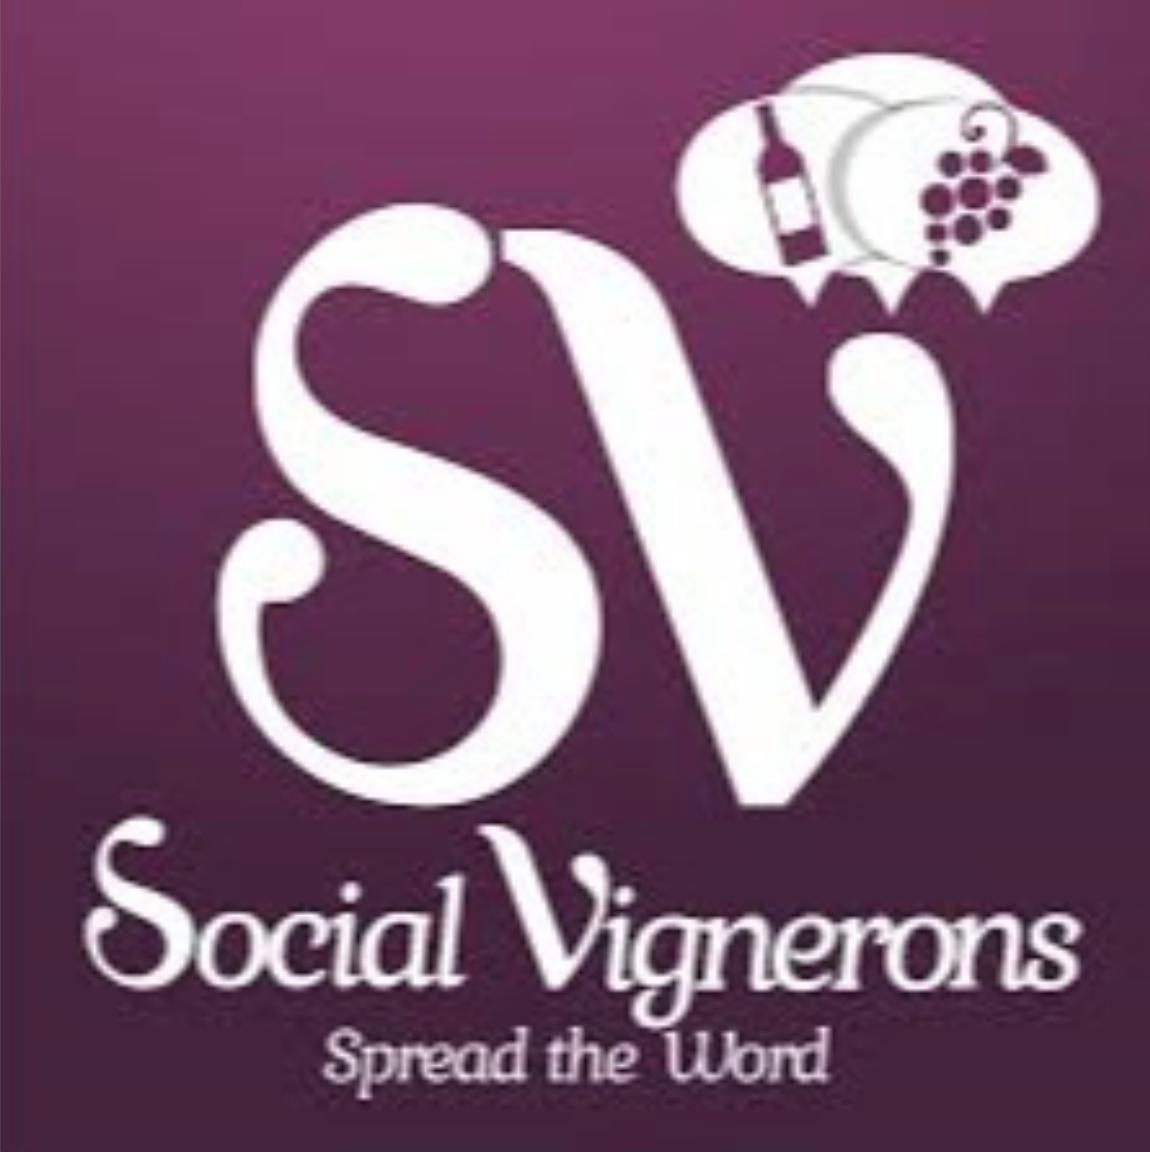 Social Vigneronos 2017 - Grade 90/100 for our Ripasso Classico Superiore 2013Grade 92/100 for our Cabernet Sauvignon Veneto IGT 2012